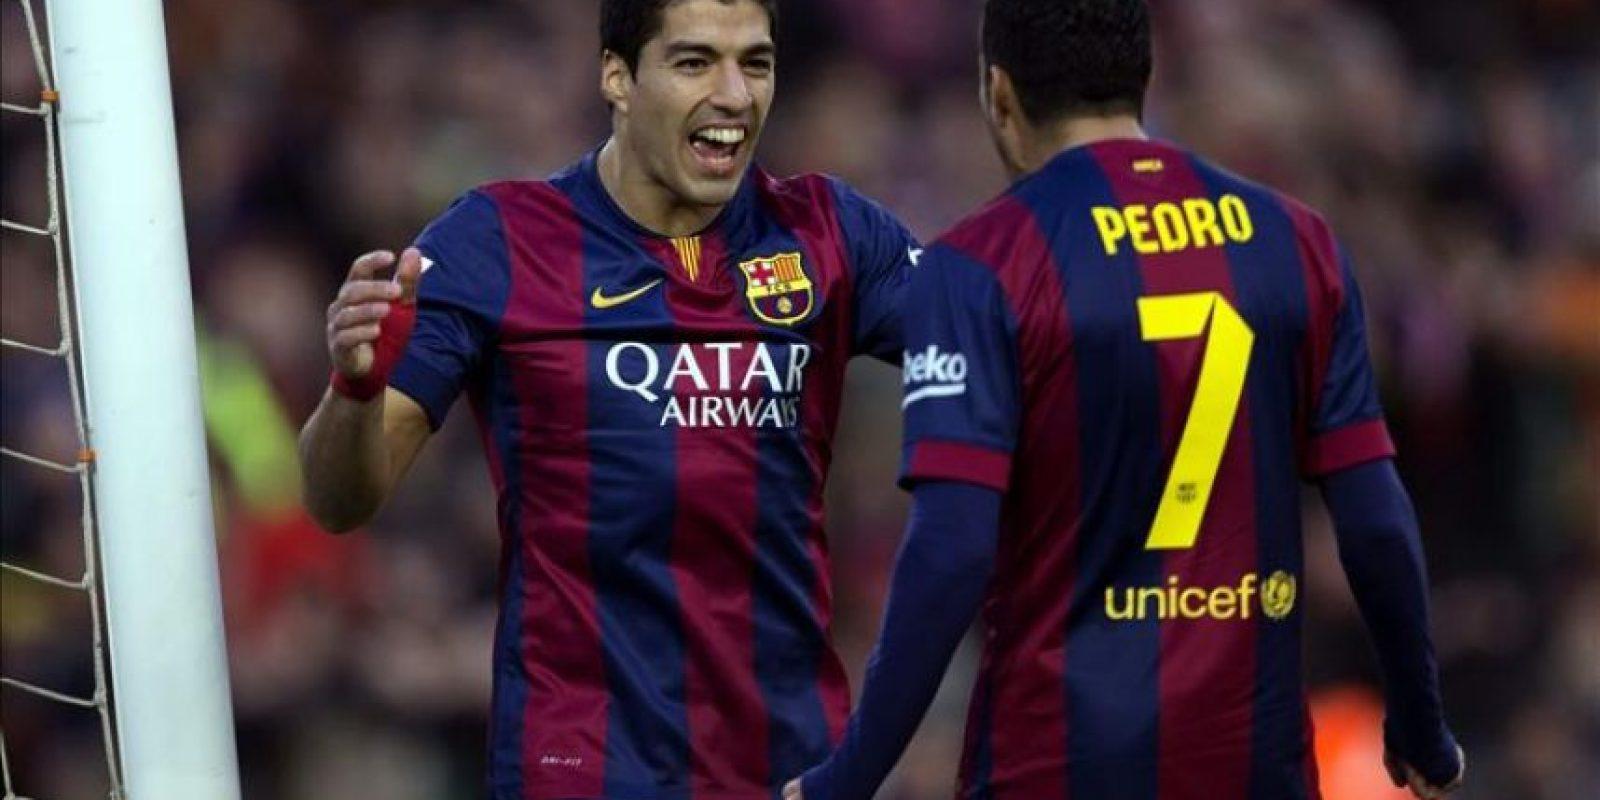 El delantero uruguayo del FC Barcelona Luis Suárez (i) celebra con su compañero, Pedro Rodríguez, el gol marcado ante el Córdoba, el segundo del equipo, durante el partido correspondiente a la decimosexta jornada de Liga que disputaron en el estadio Camp Nou de Barcelona. EFE